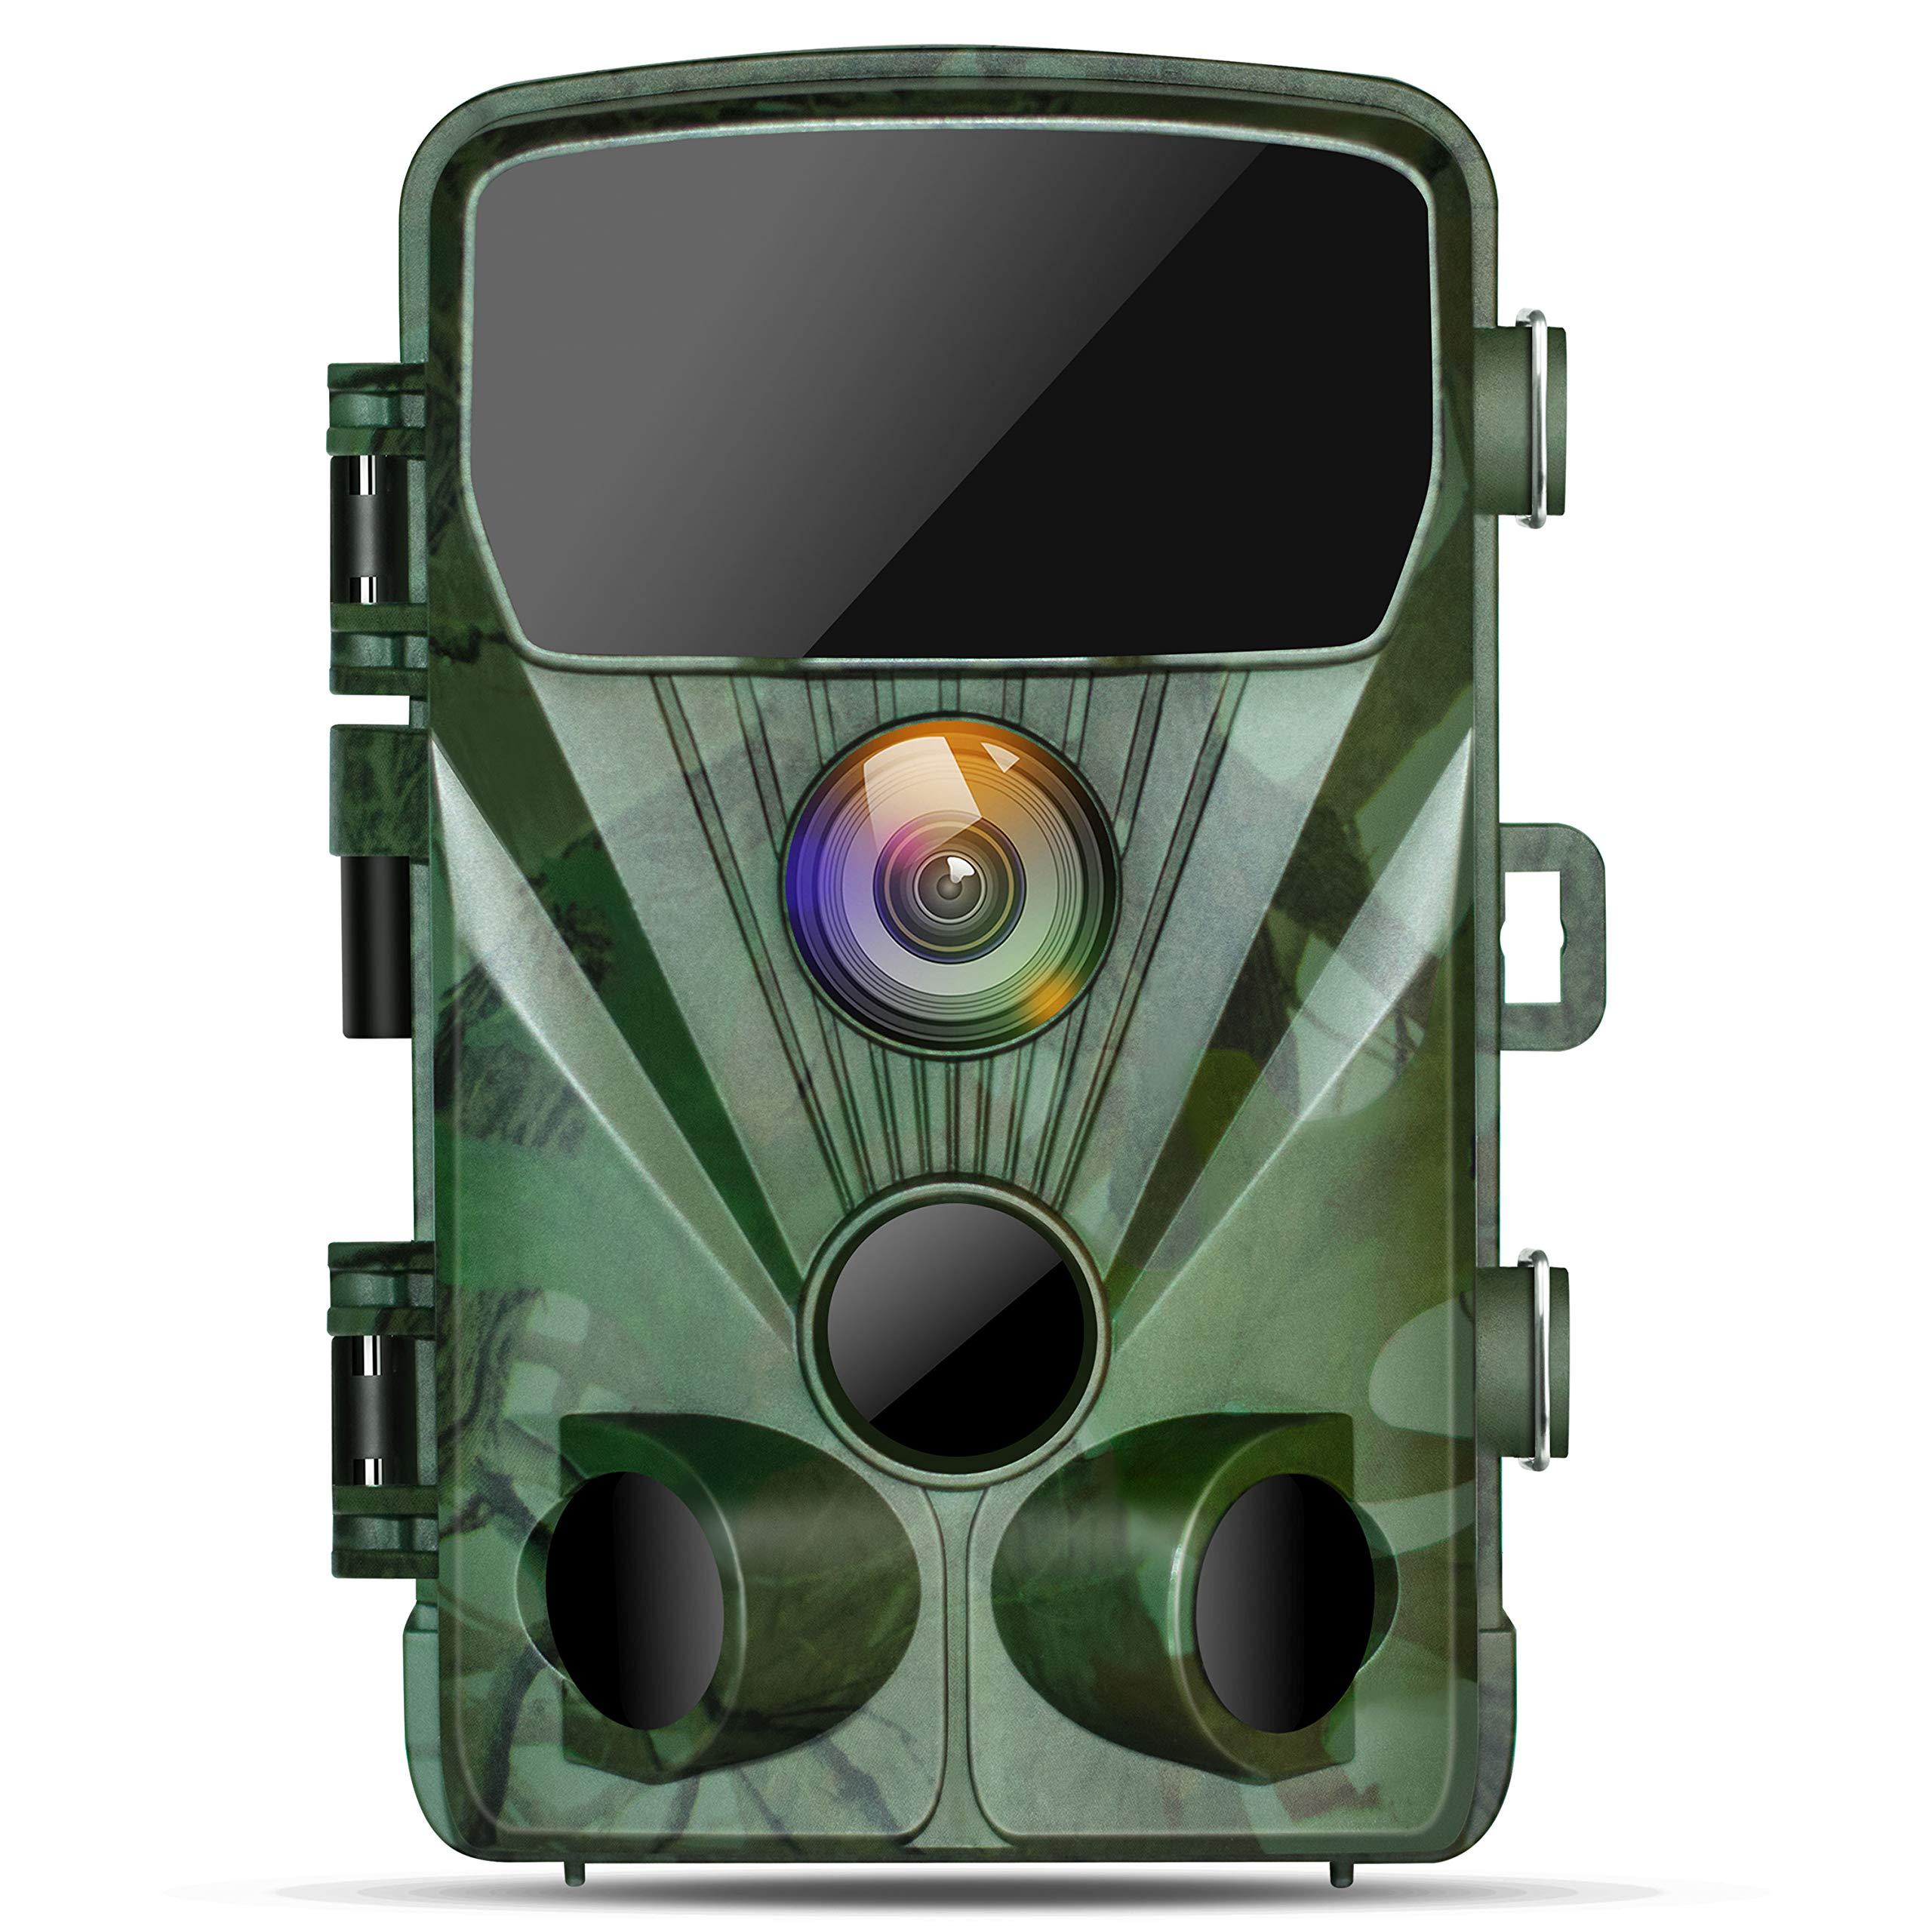 TOGUARD Caméra de Chasse 20MP 1080P Caméra de Surveillance Étanche,Caméra de Faune avec Détecteur de Mouvement à Vision Nocturne Infrarouge, Caméra de Jeu Grand Angle 130° product image